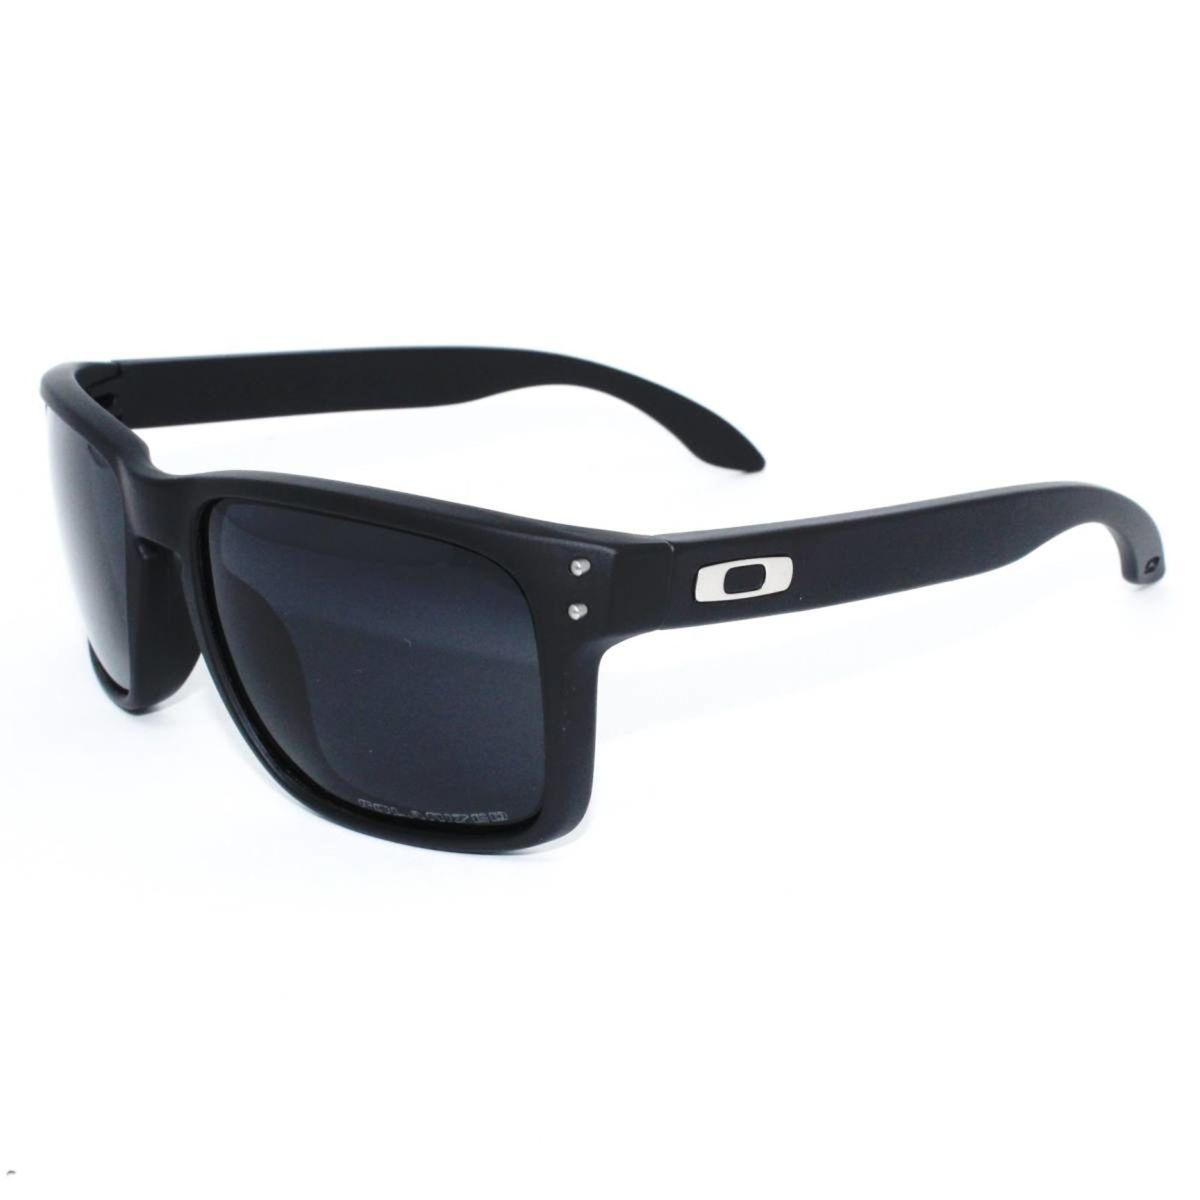 óculos oakley holbrook 100% polarizado promoção!!! - óculos oakley 92e64262ed